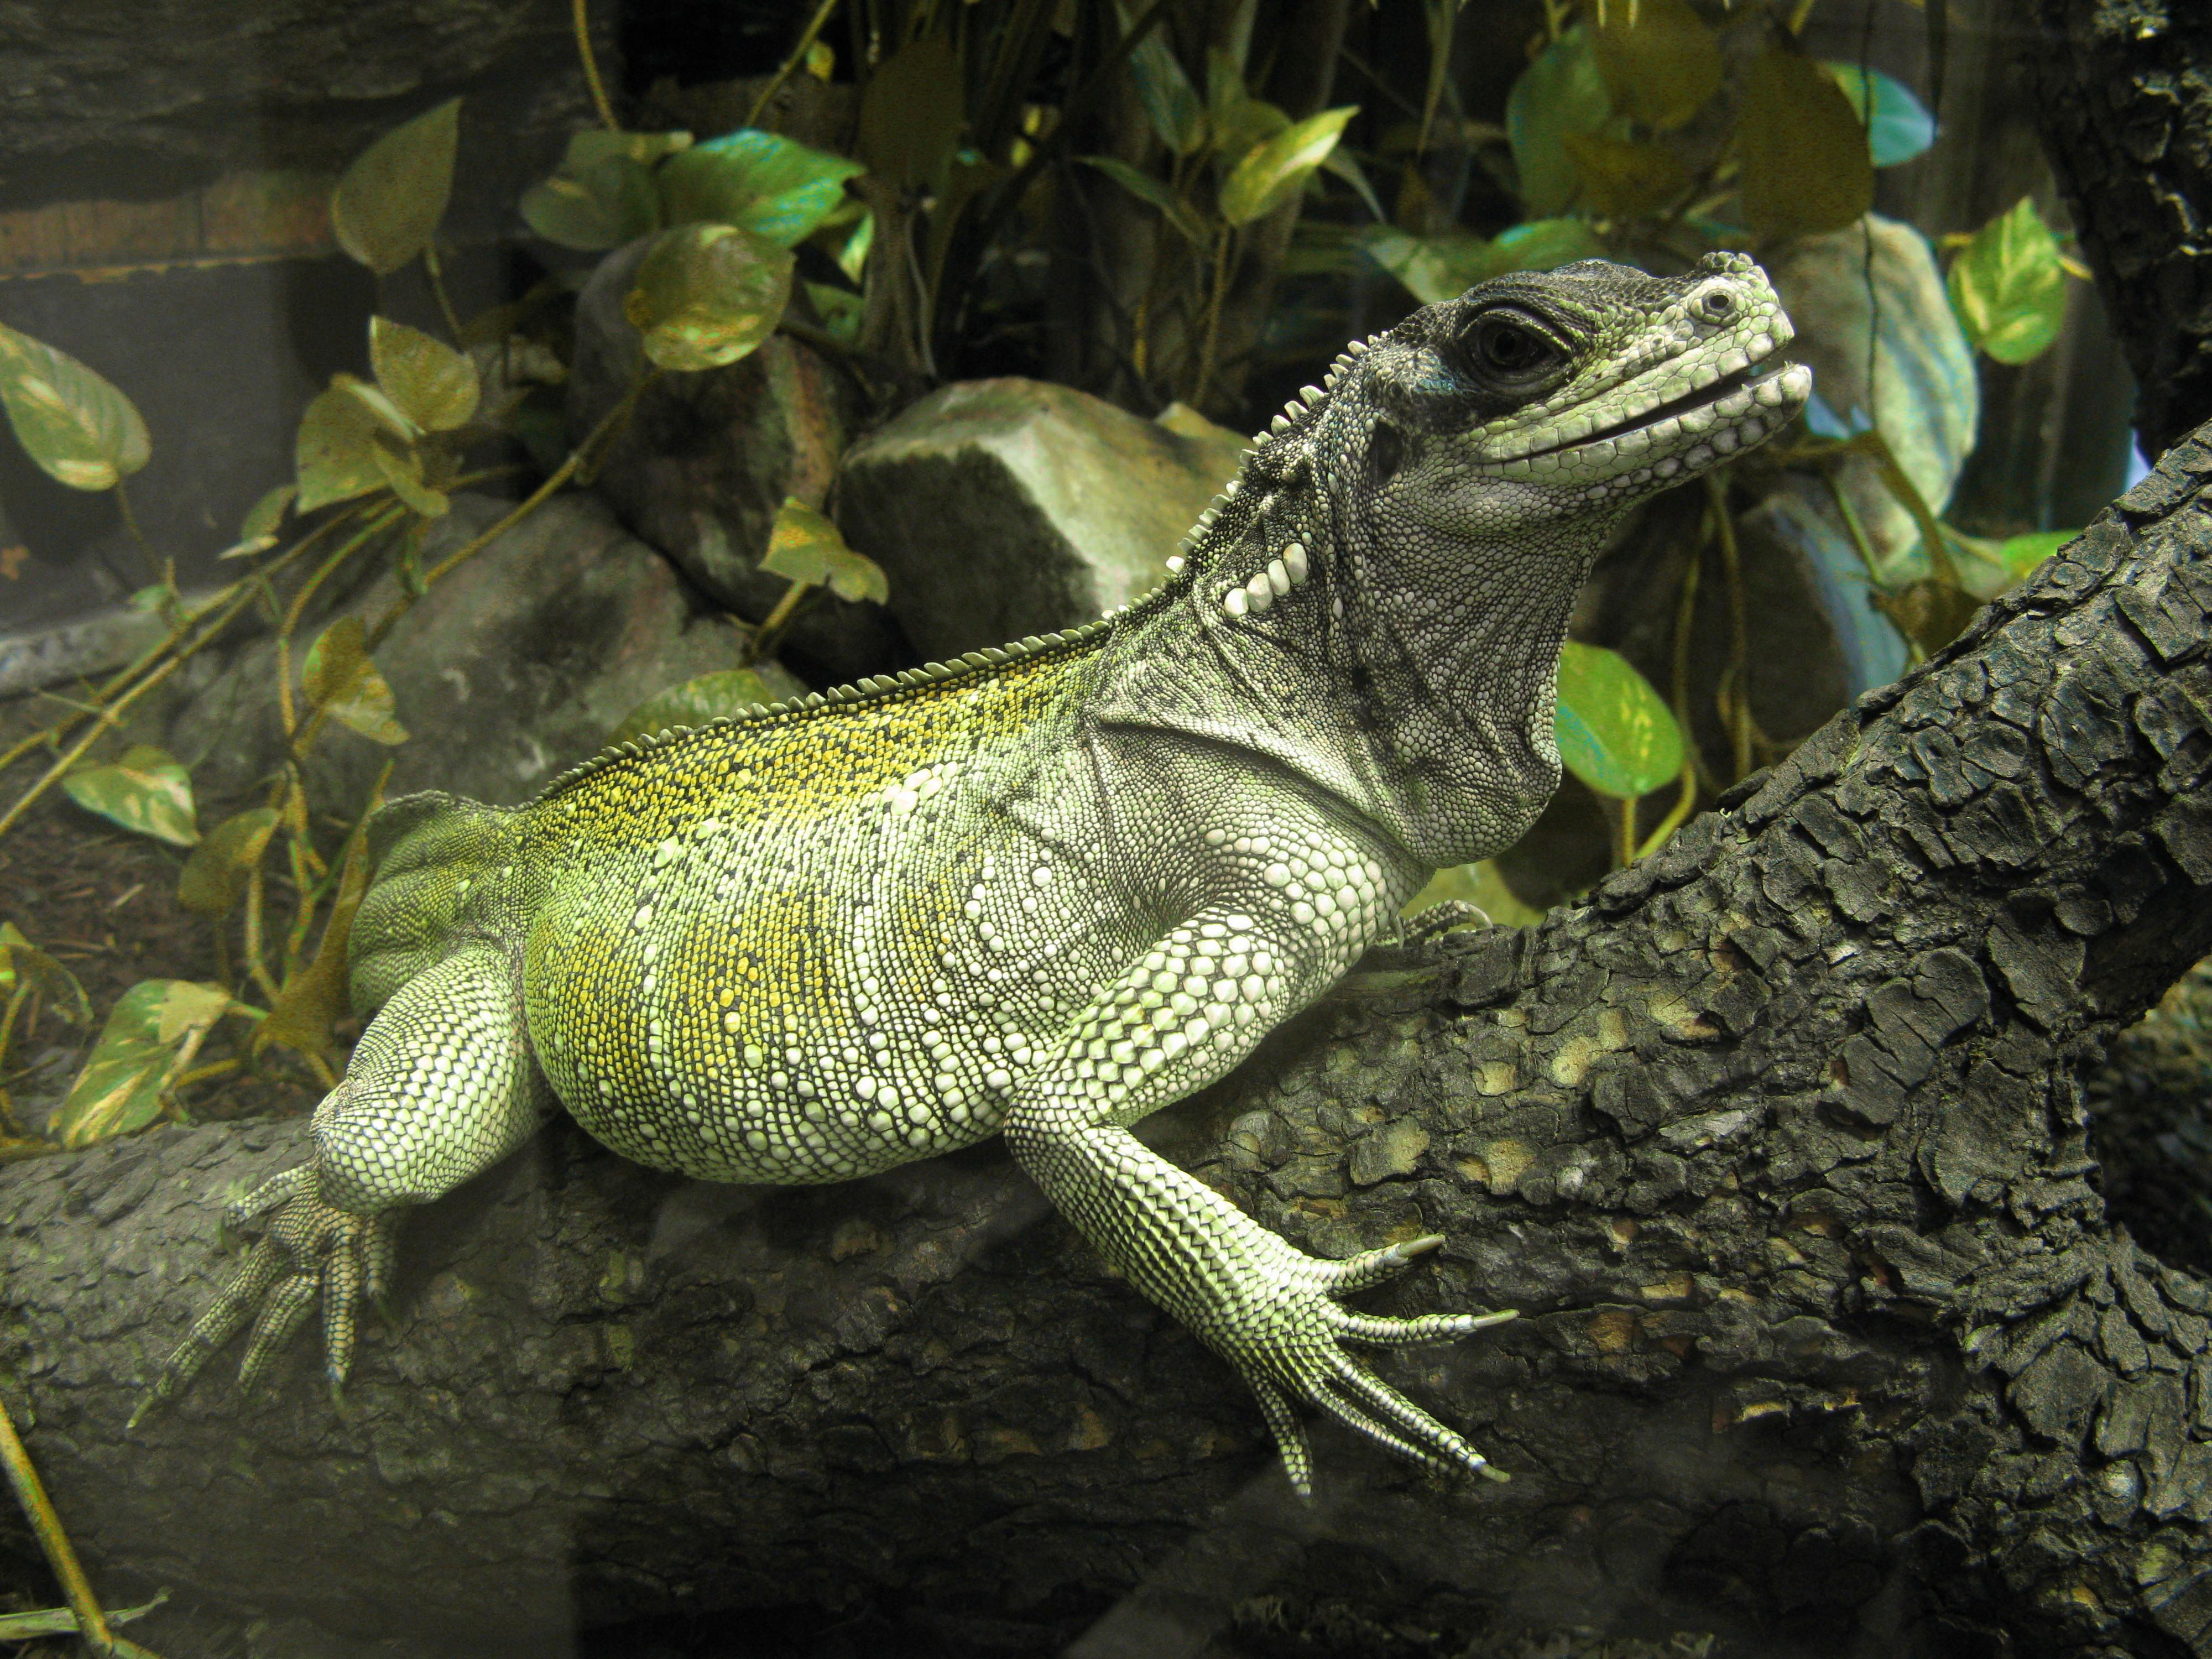 File:Jielbeaumadier hydrosaure weberi 1 mjp paris 2013.jpeg - Wikimedia Commons